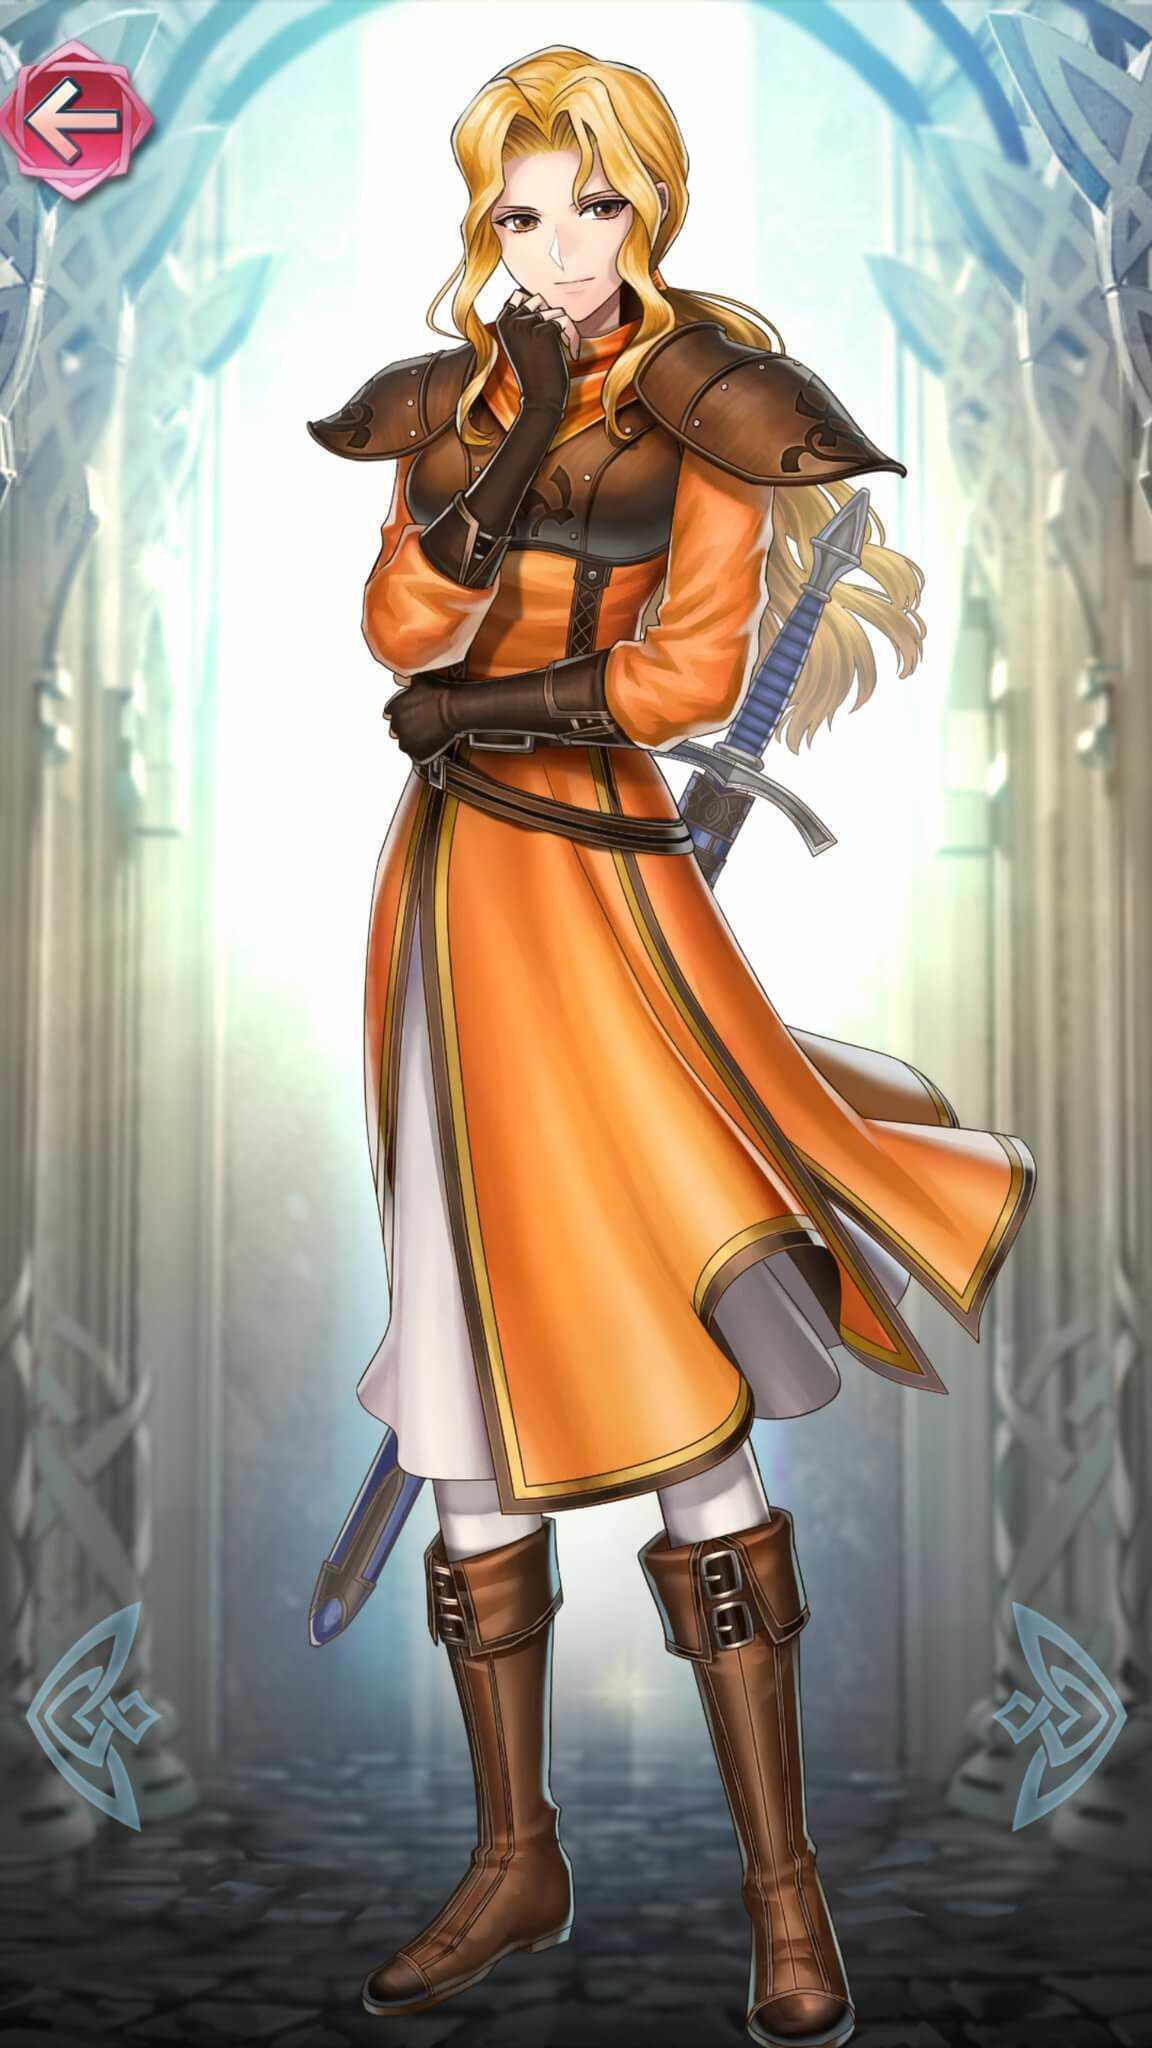 エーヴェル(フィアナの女神)の立ち絵